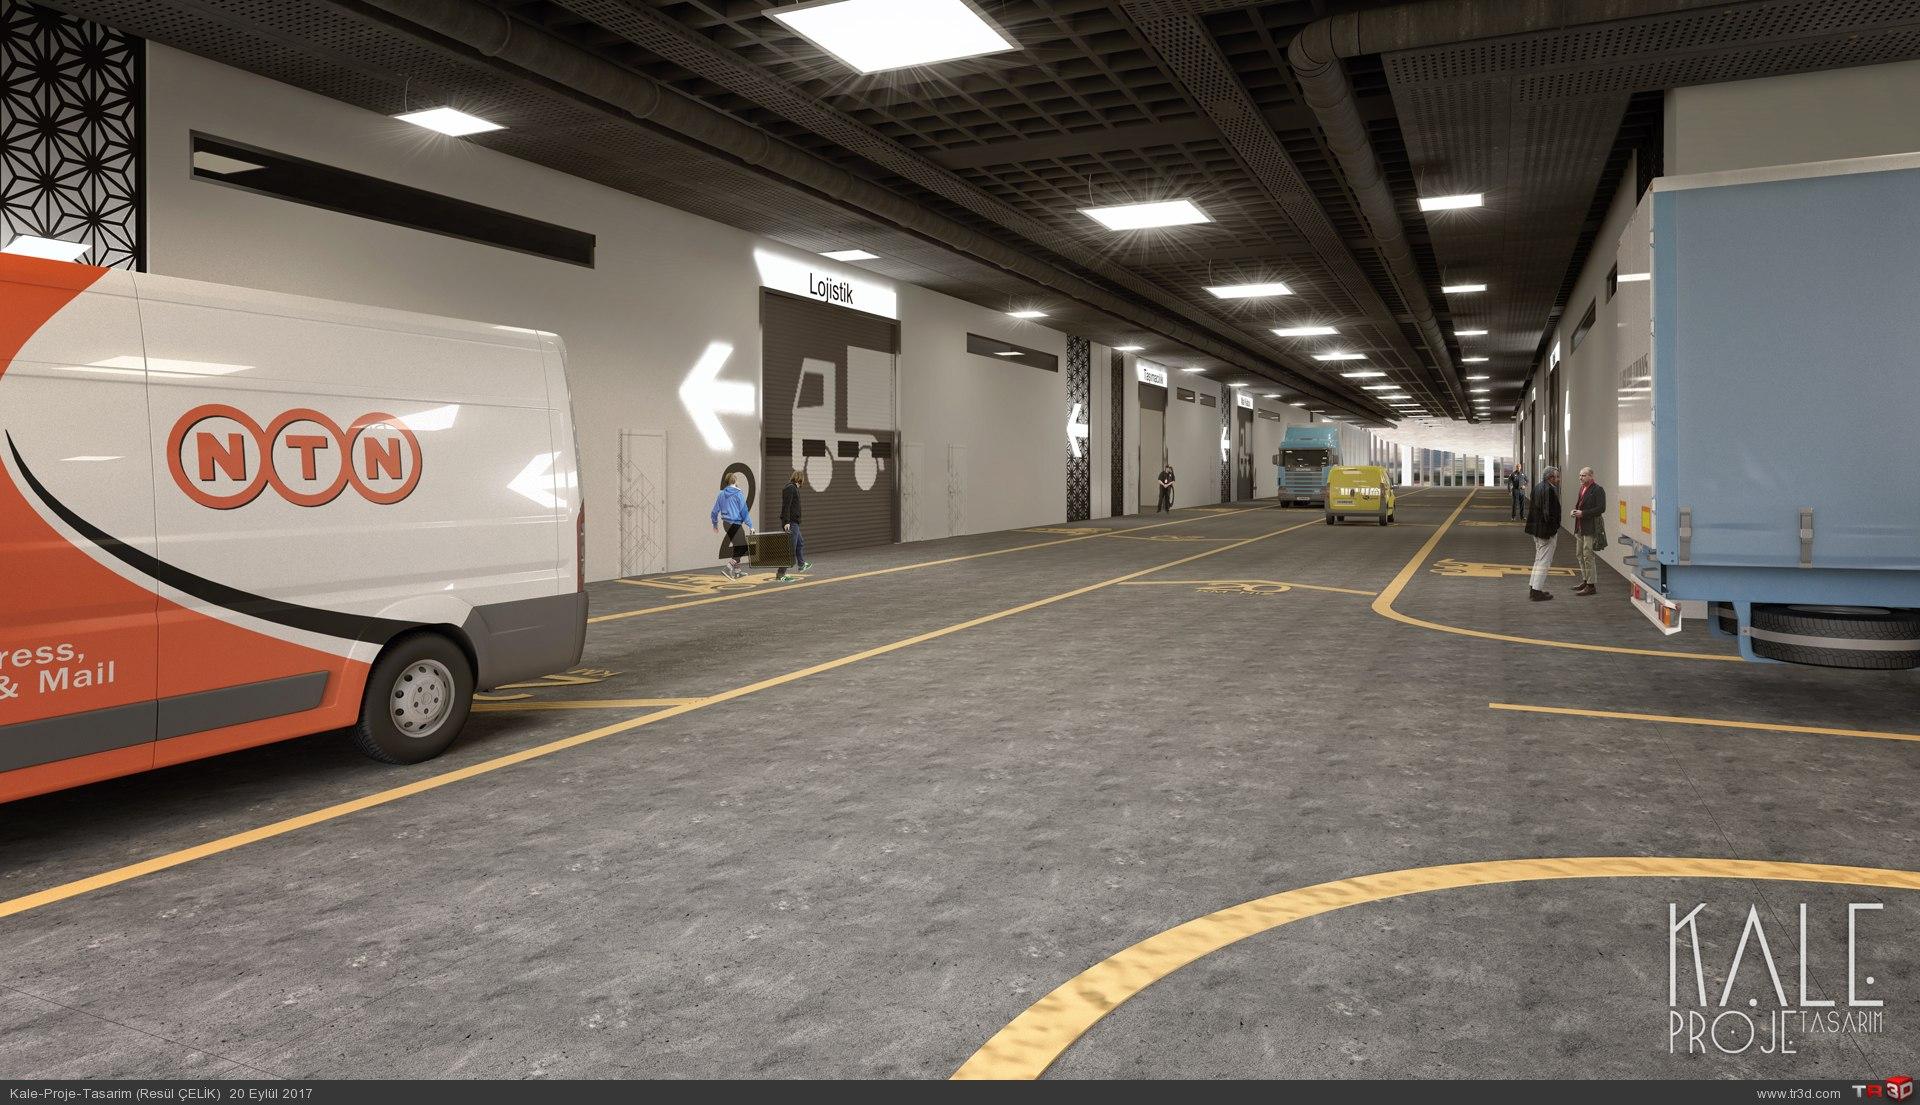 Kale Proje 2017 Depo alanı ve otopark İç mekan renderleri.